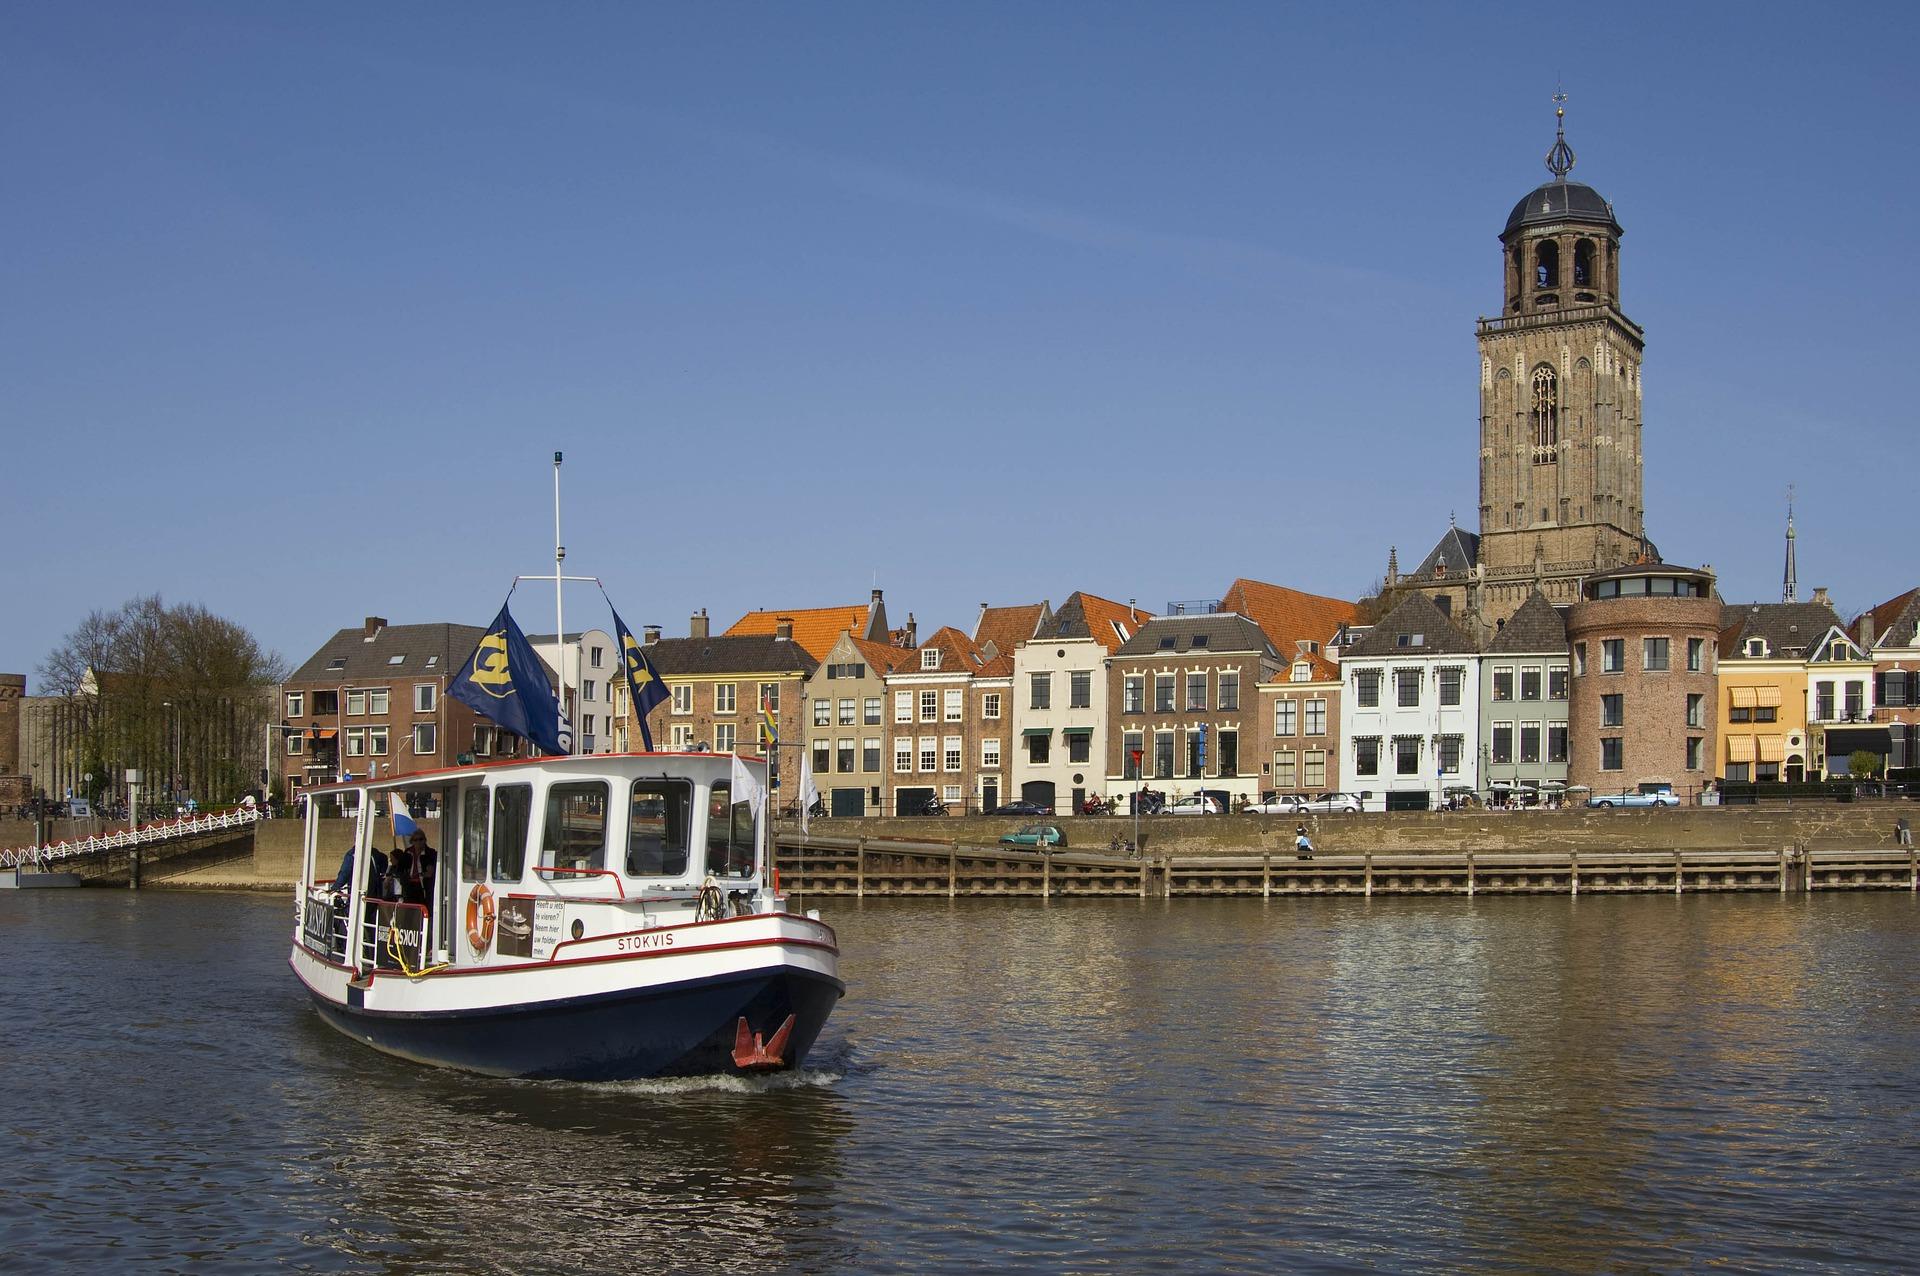 In Deventer binnenstad alleen bestel- en vrachtverkeer zonder uitlaatgassen